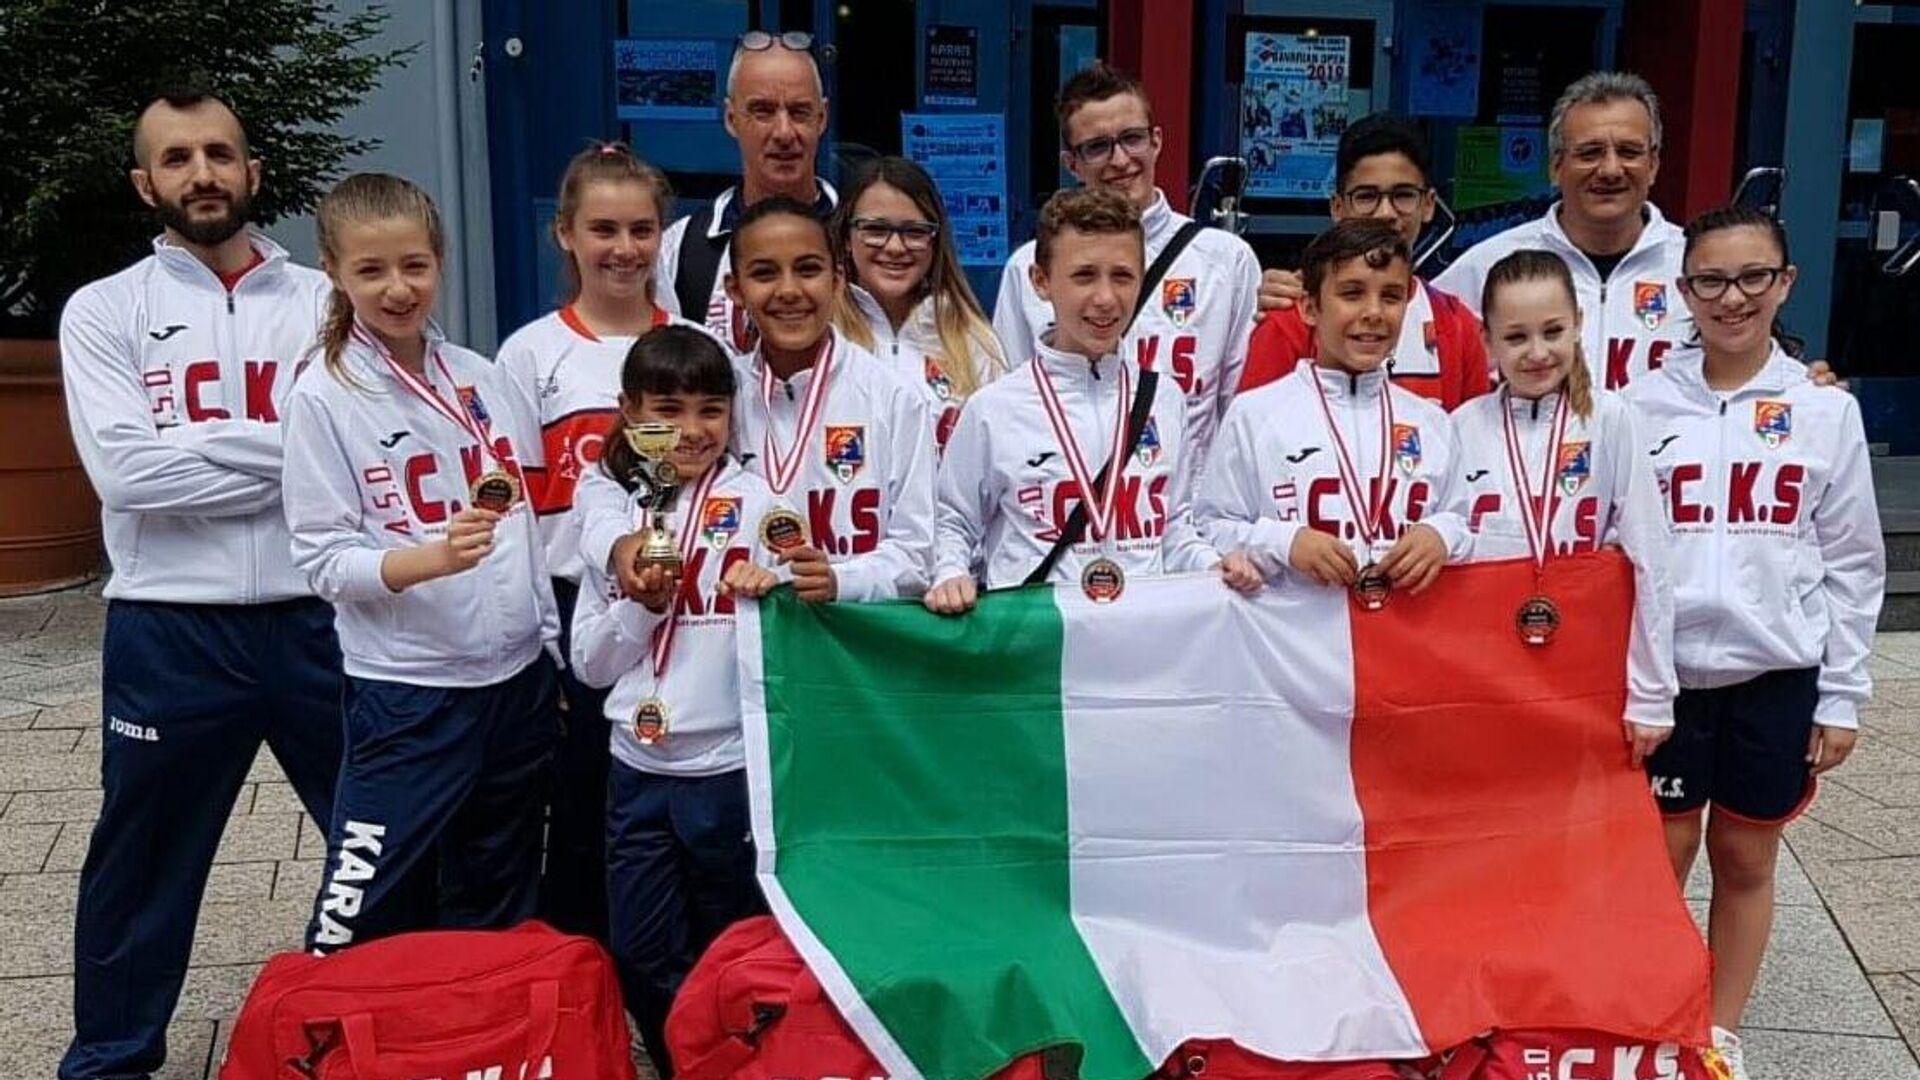 Ugo Ferrari e i suoi atleti alle competizioni internazionali - Sputnik Italia, 1920, 24.05.2021